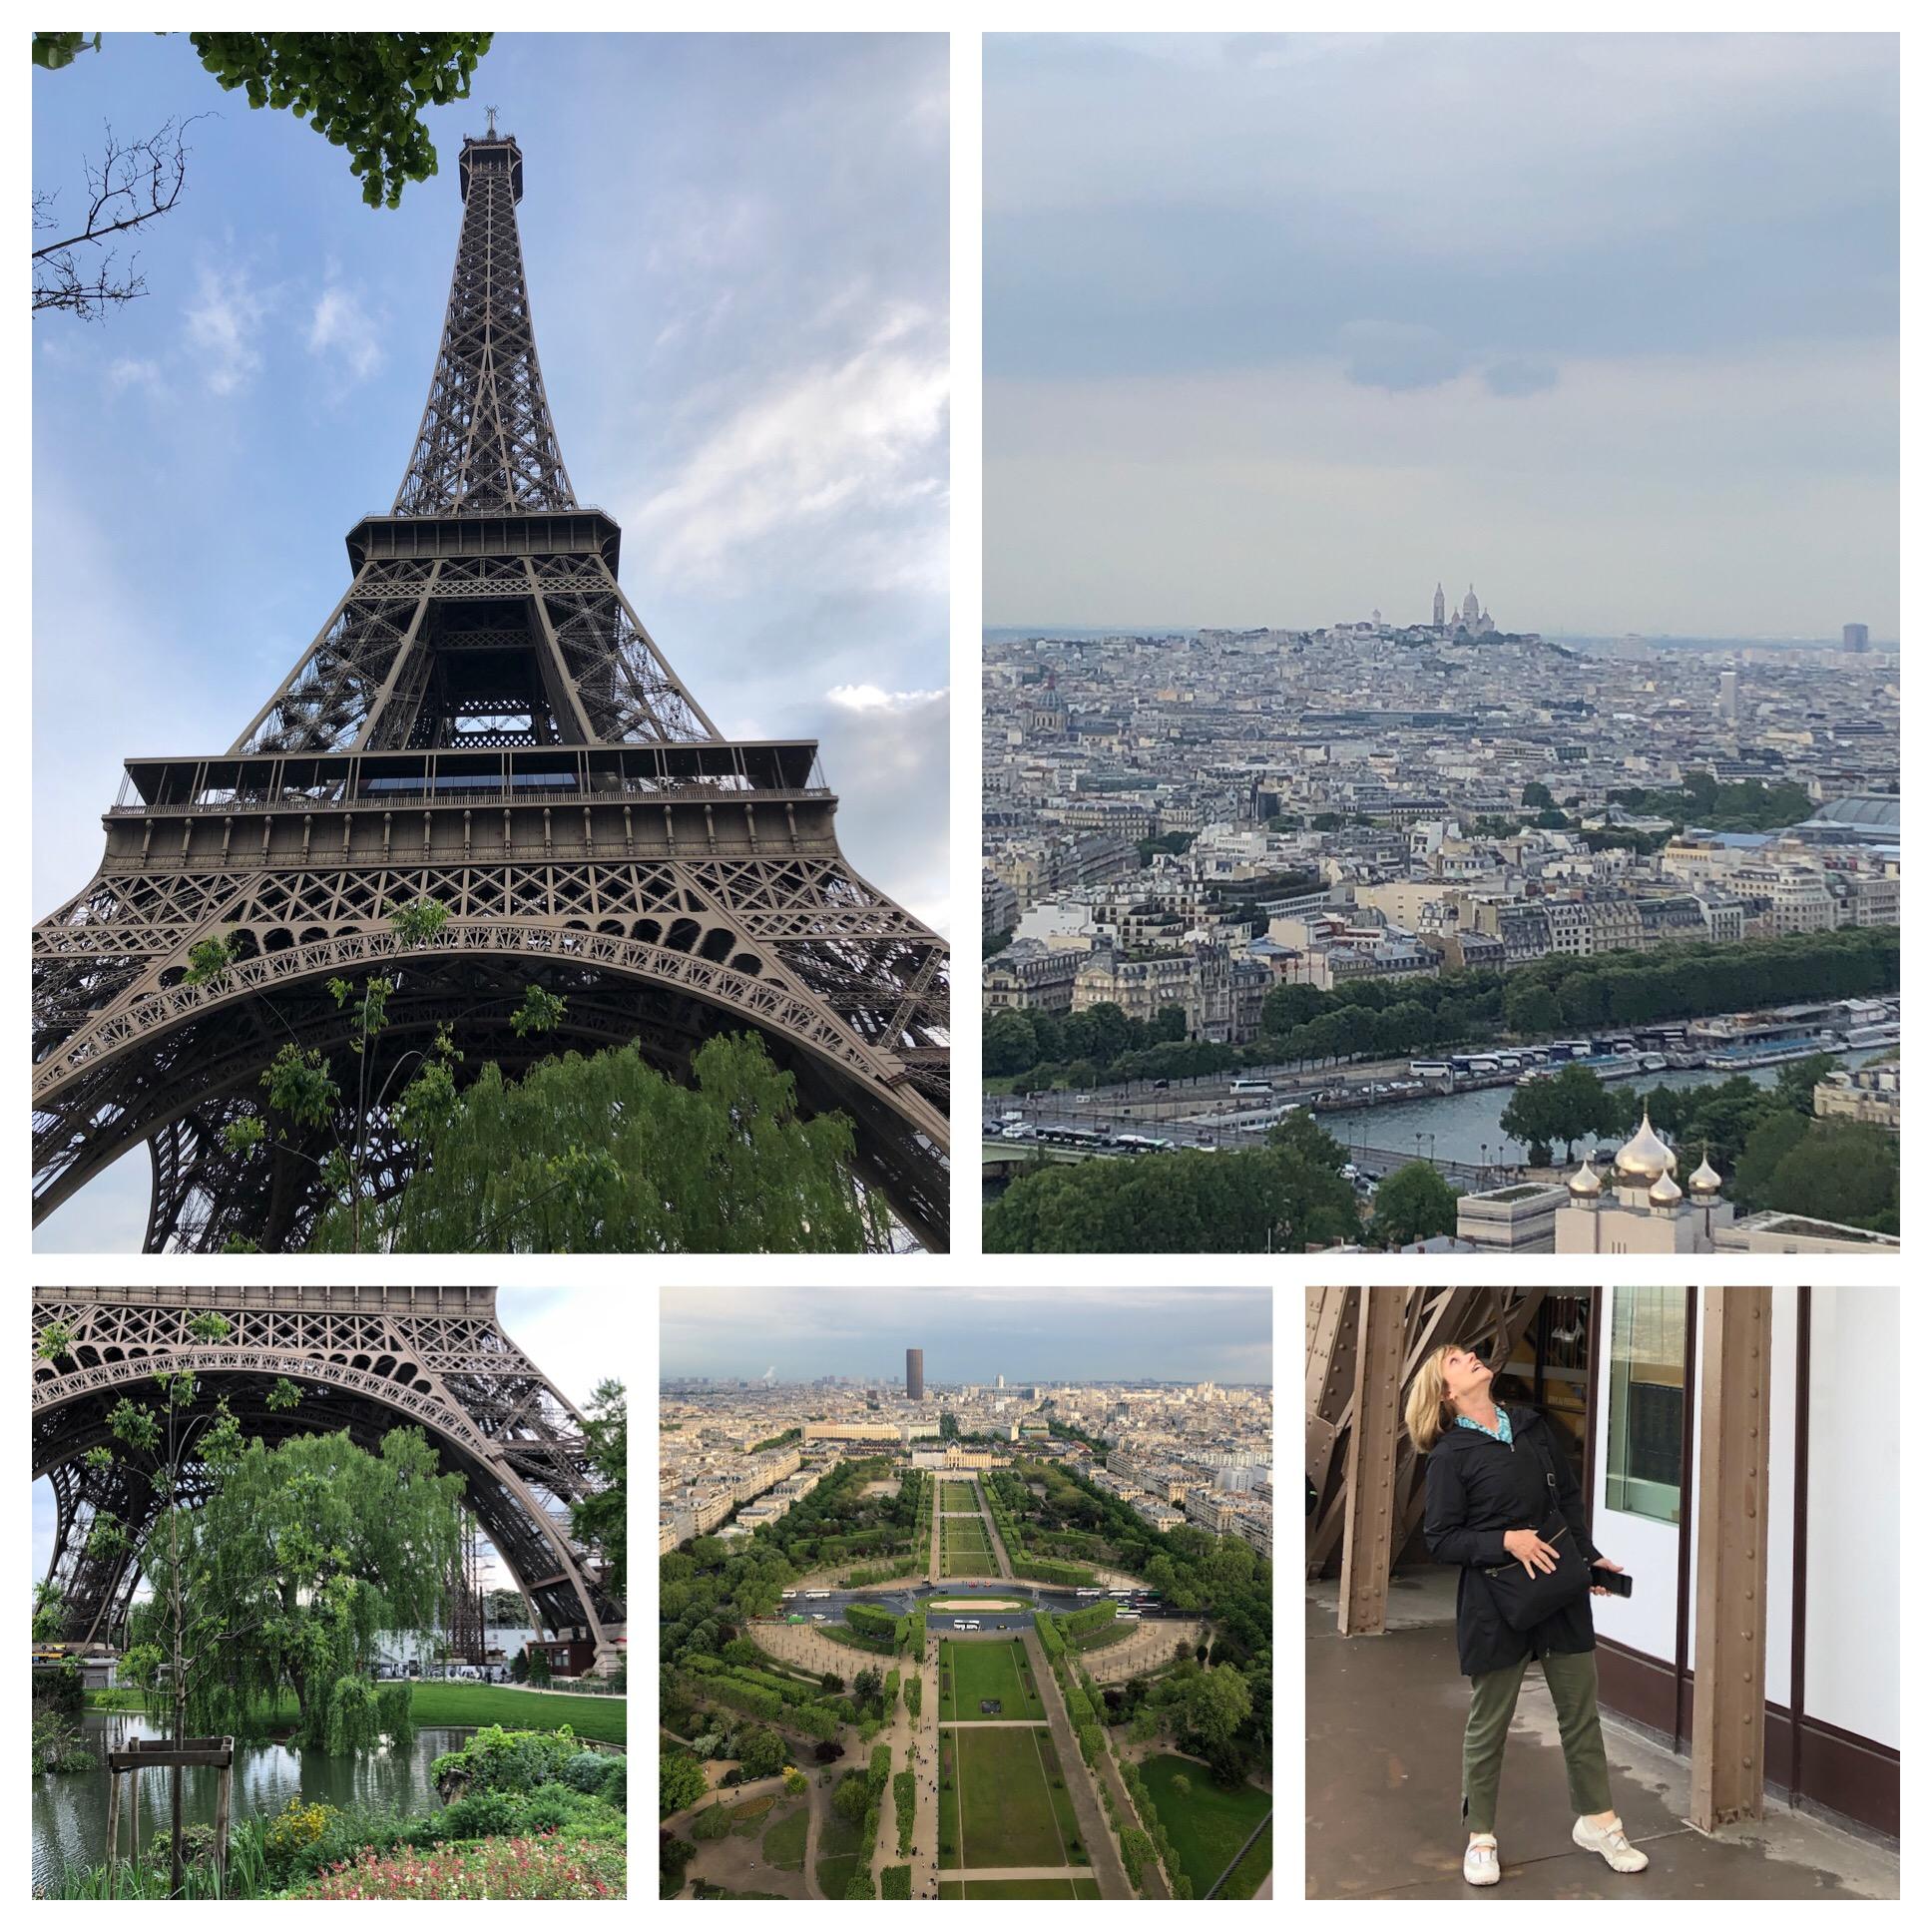 That's a great view of Montmartre and Sacré Cœur!